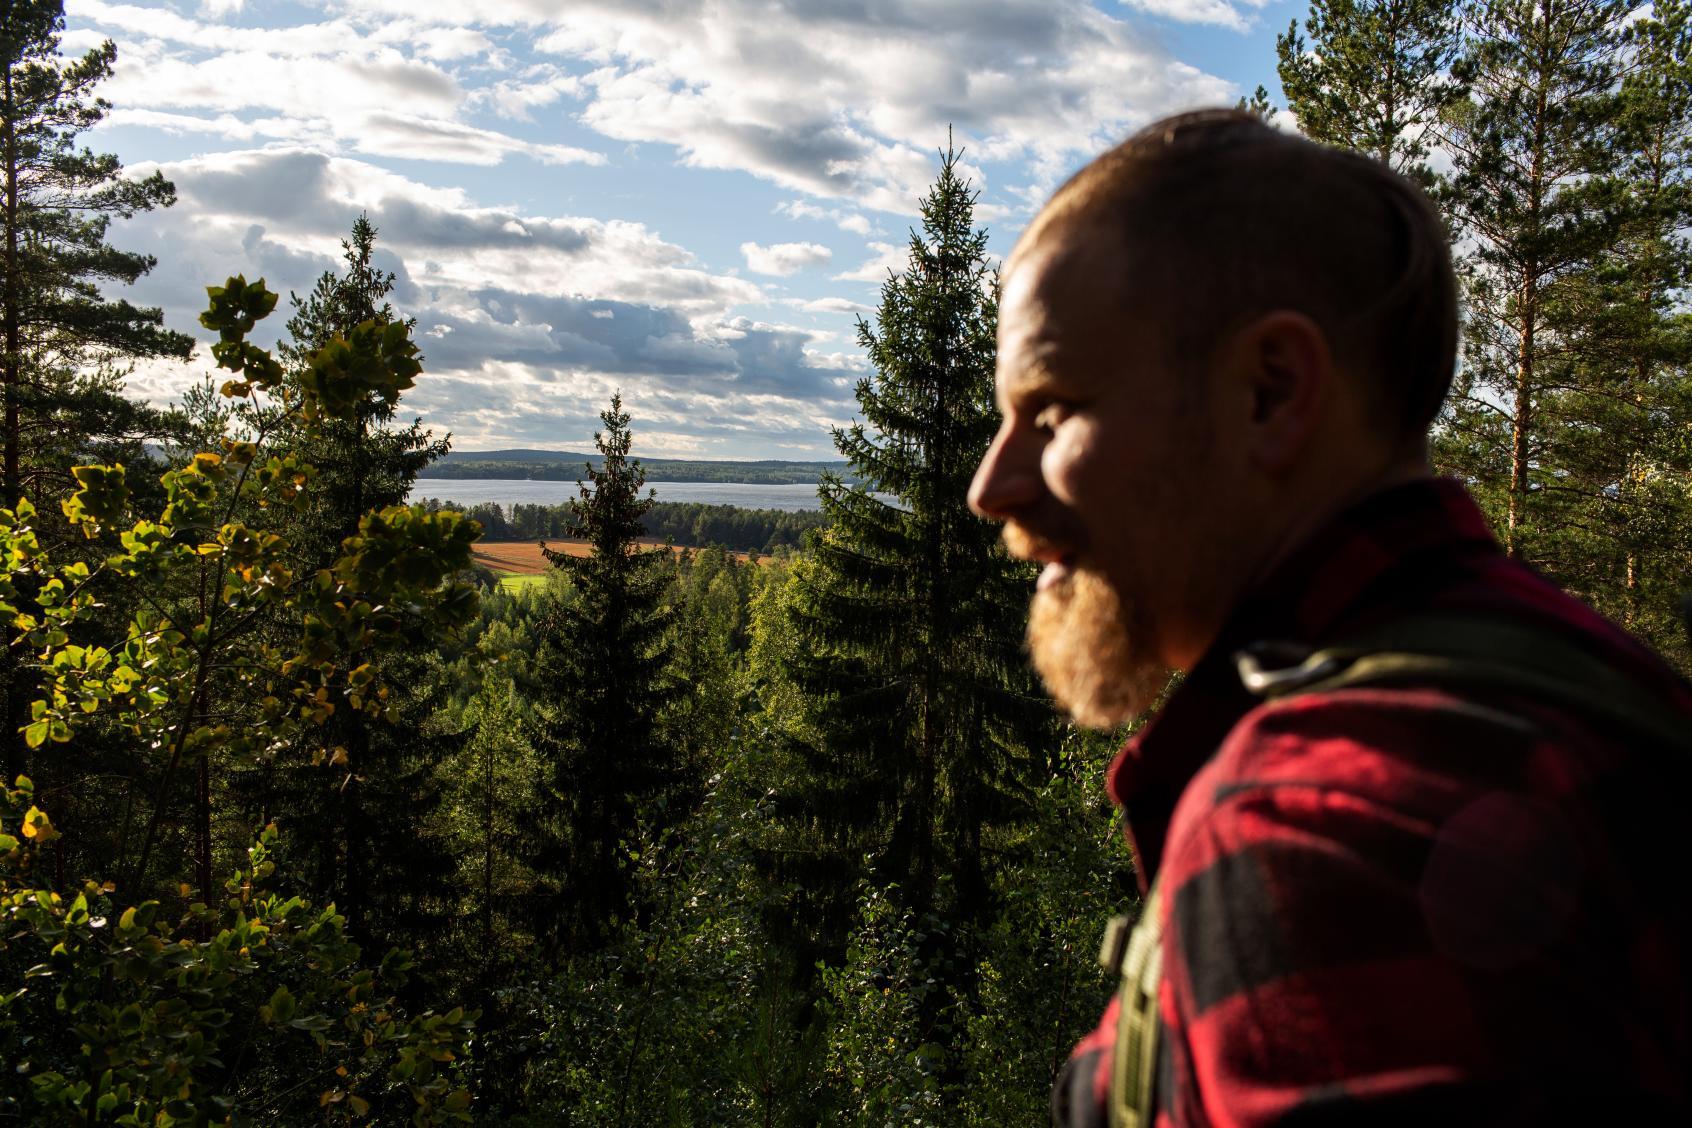 Marko Smeds toteutti pitkäaikaisen unelmansa ja lunasti vanhan kotitalonsa HAttulan Pelkolan kylästä.